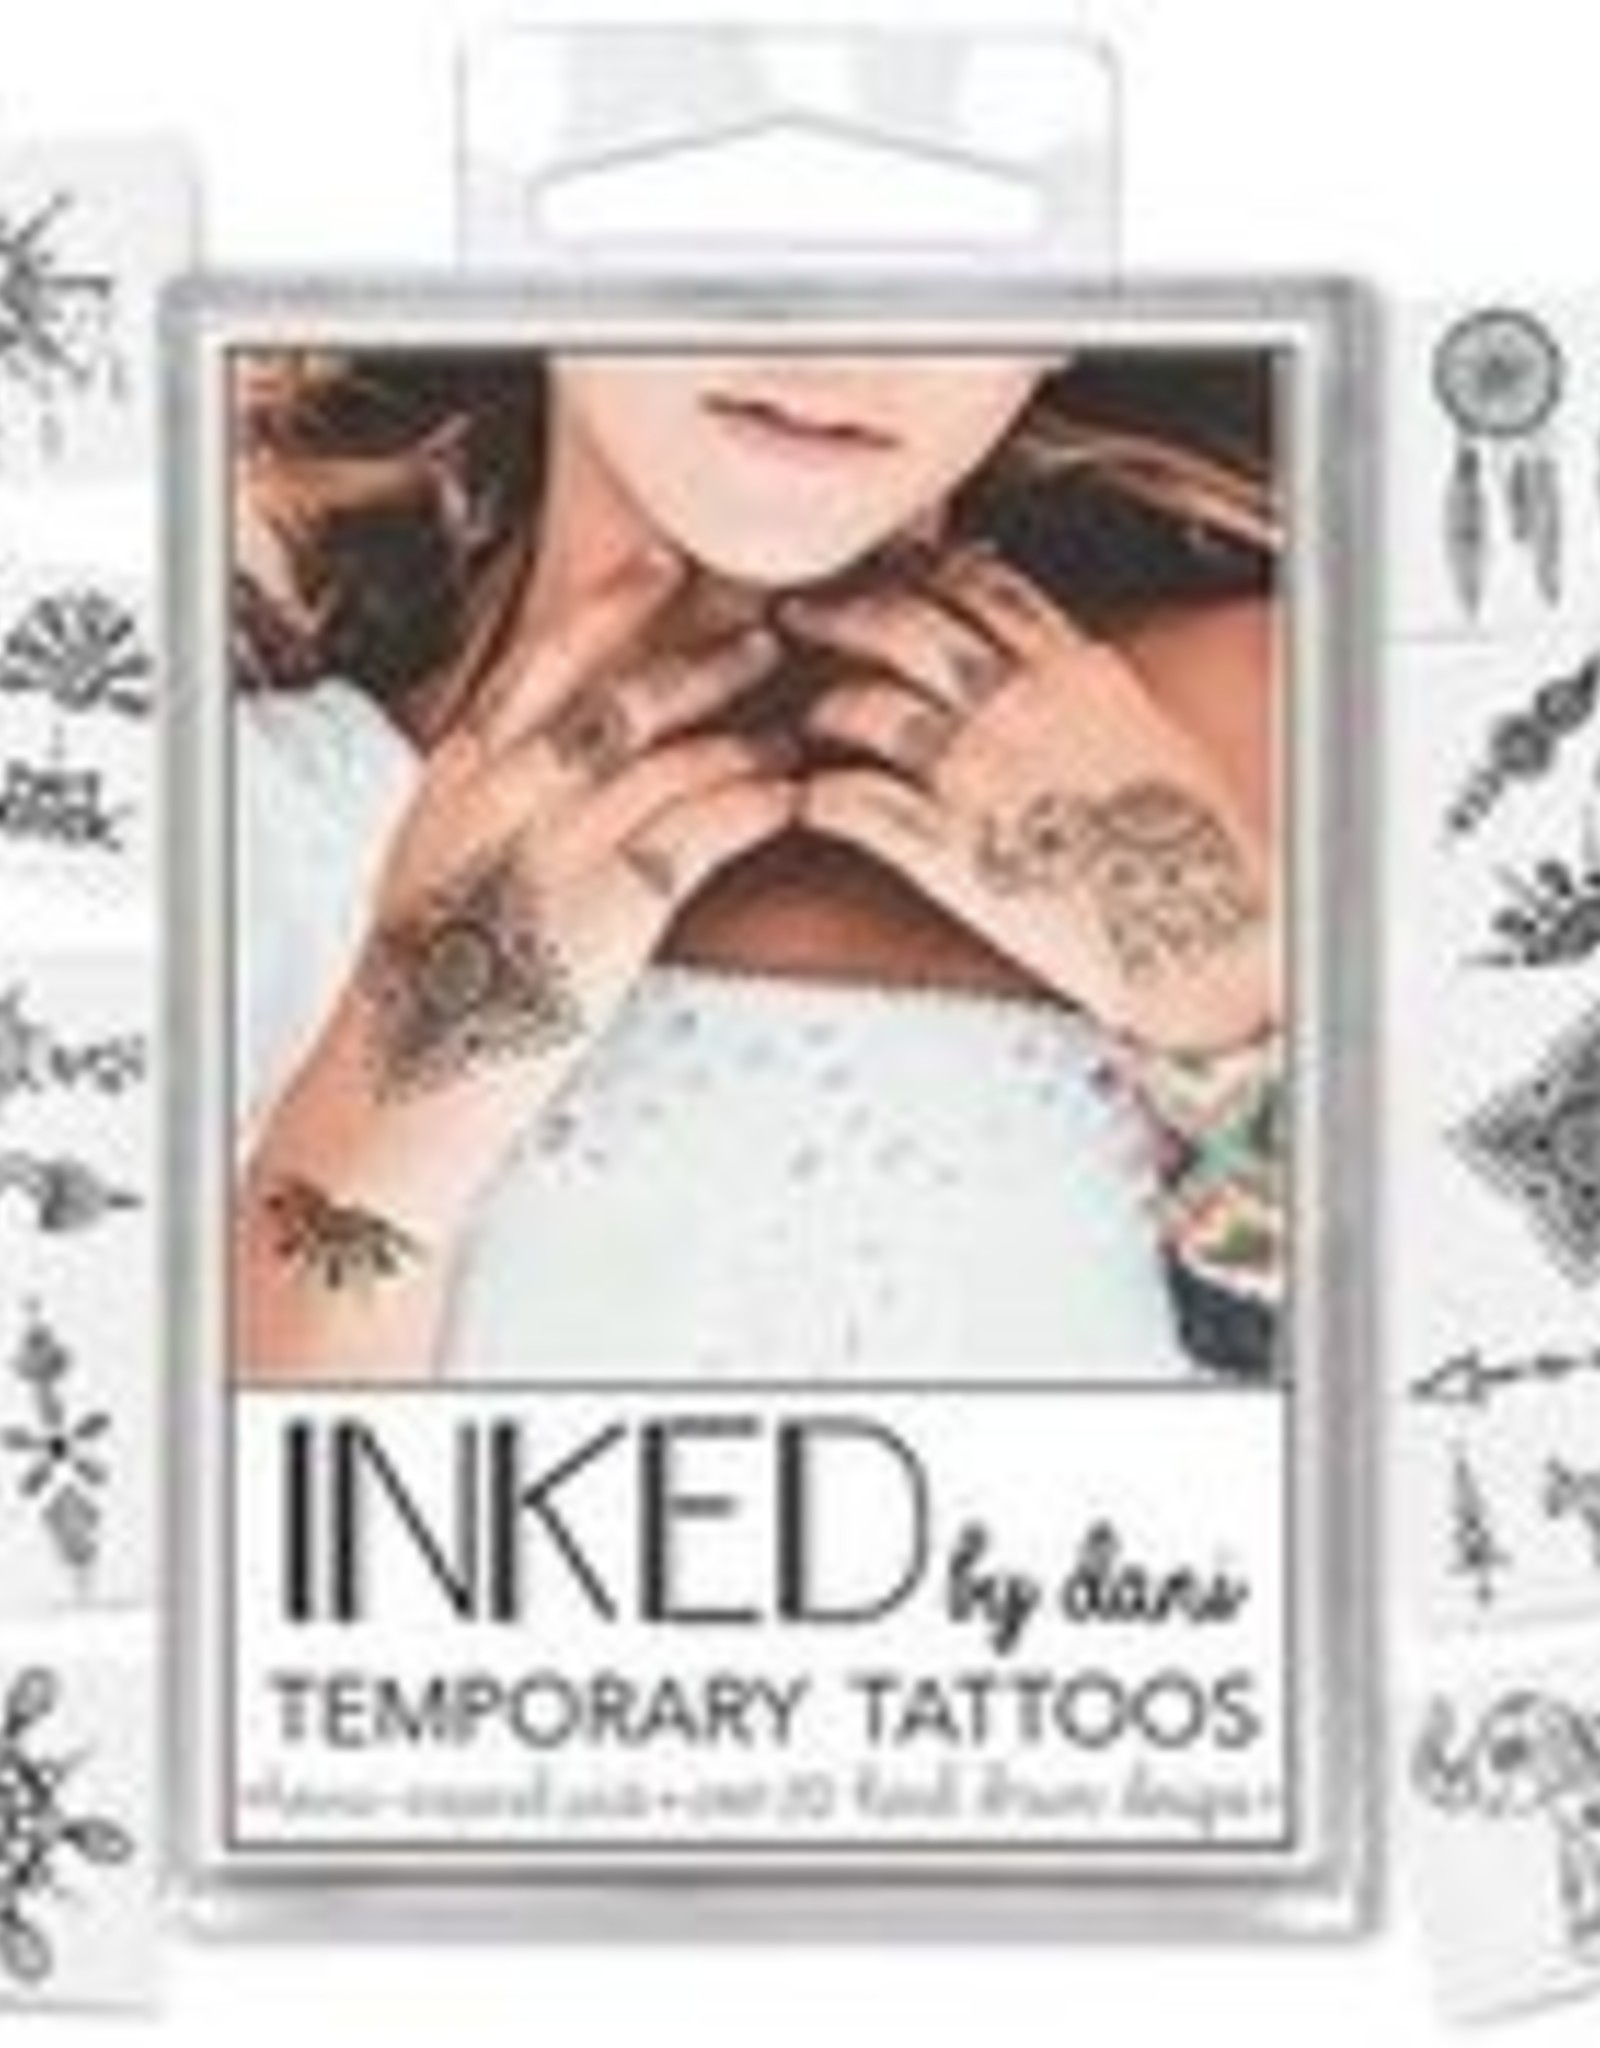 Inked by Dani Inked by Dani